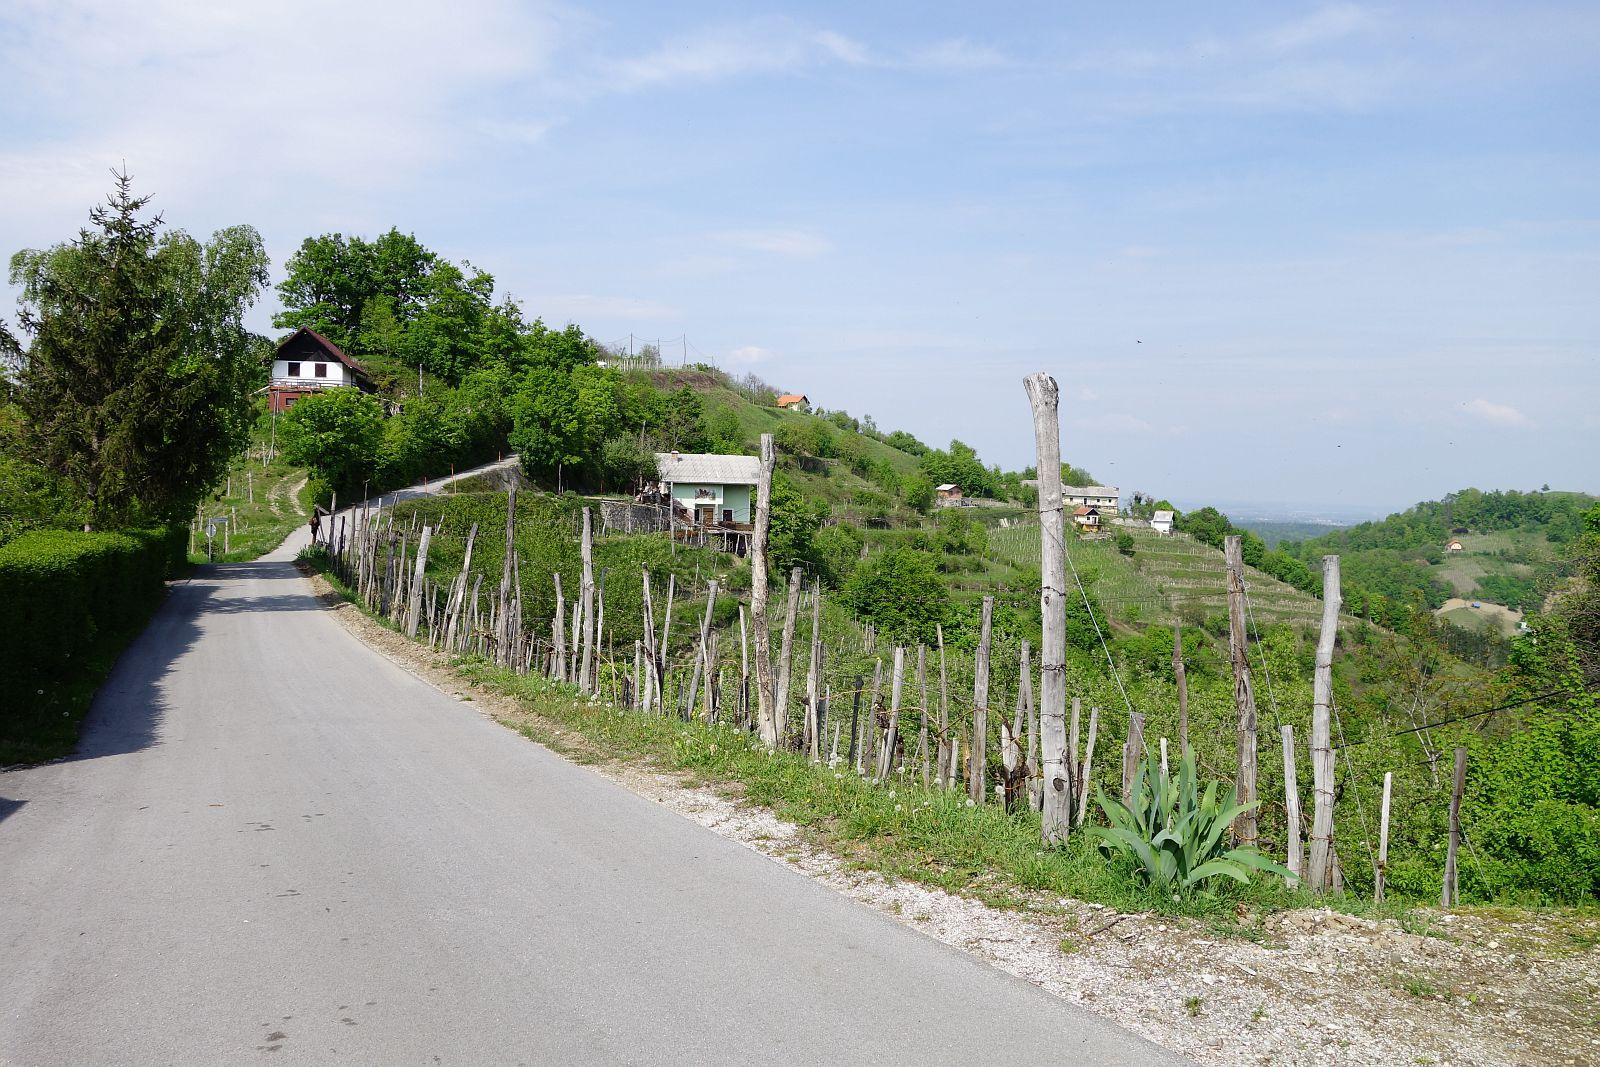 Janški vrh